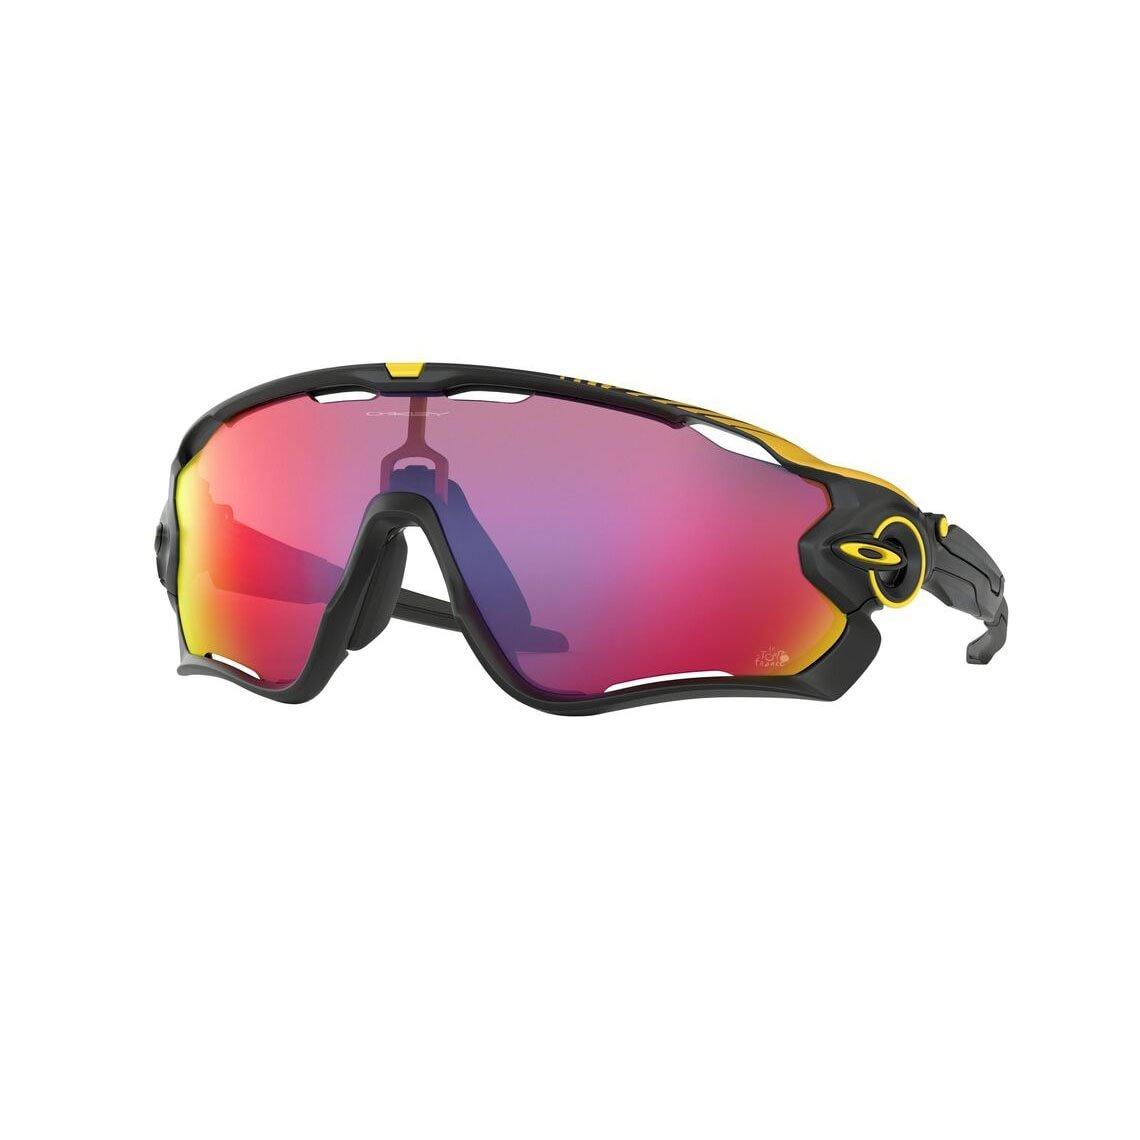 Oakley Jawbreaker Tour de France 2019 Edition Prizm Road OO9290-4331